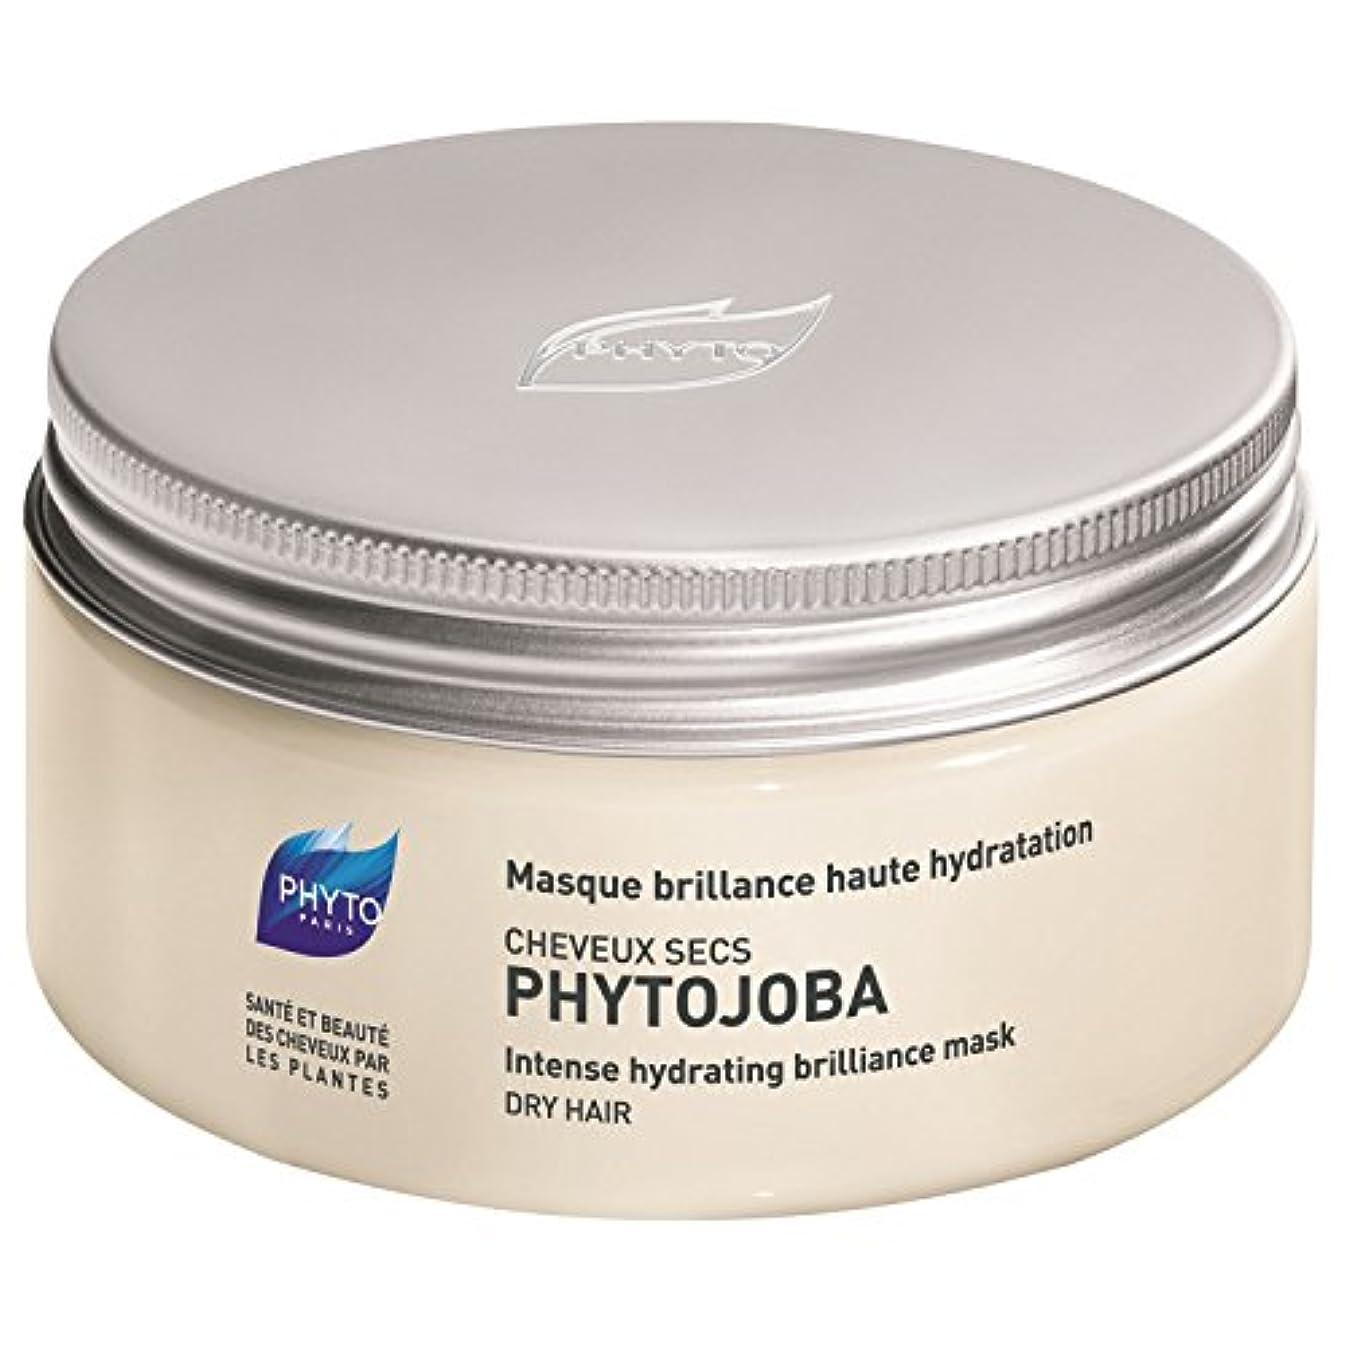 メアリアンジョーンズピーク限定フィトPhytojoba強烈な水分補給マスク200ミリリットル (Phyto) - Phyto Phytojoba Intense Hydrating Mask 200ml [並行輸入品]